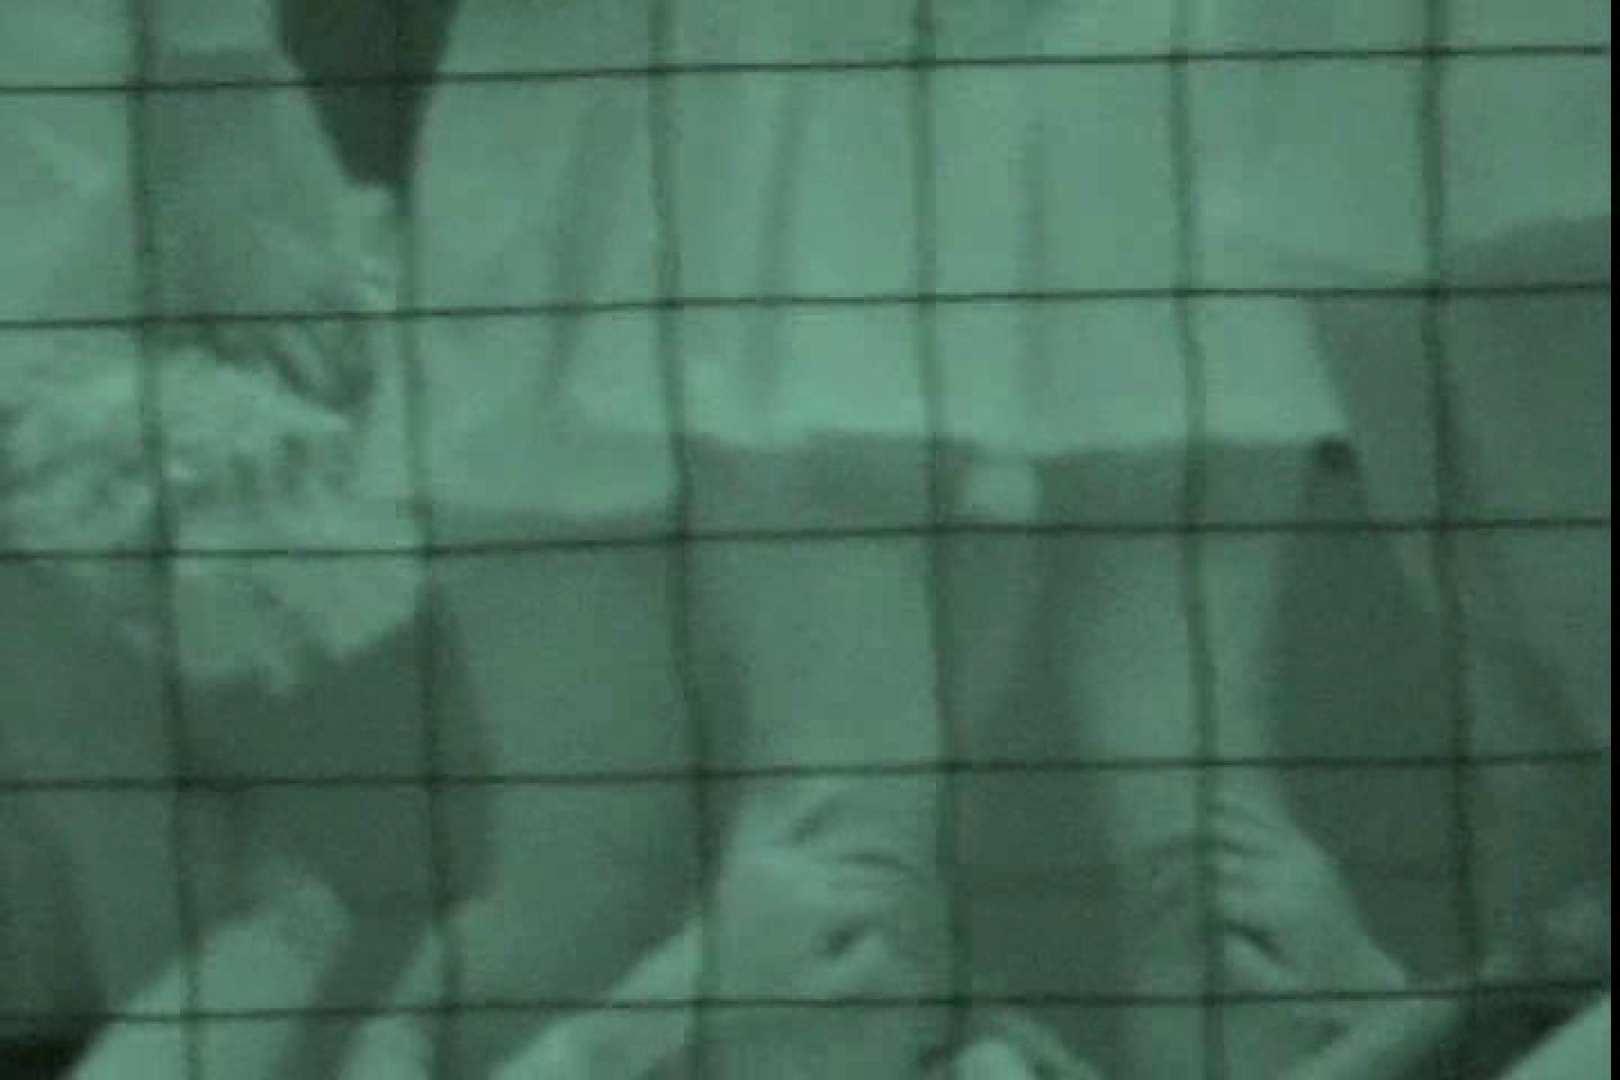 赤外線ムレスケバレー(汗) vol.02 赤外線 セックス無修正動画無料 93pic 86